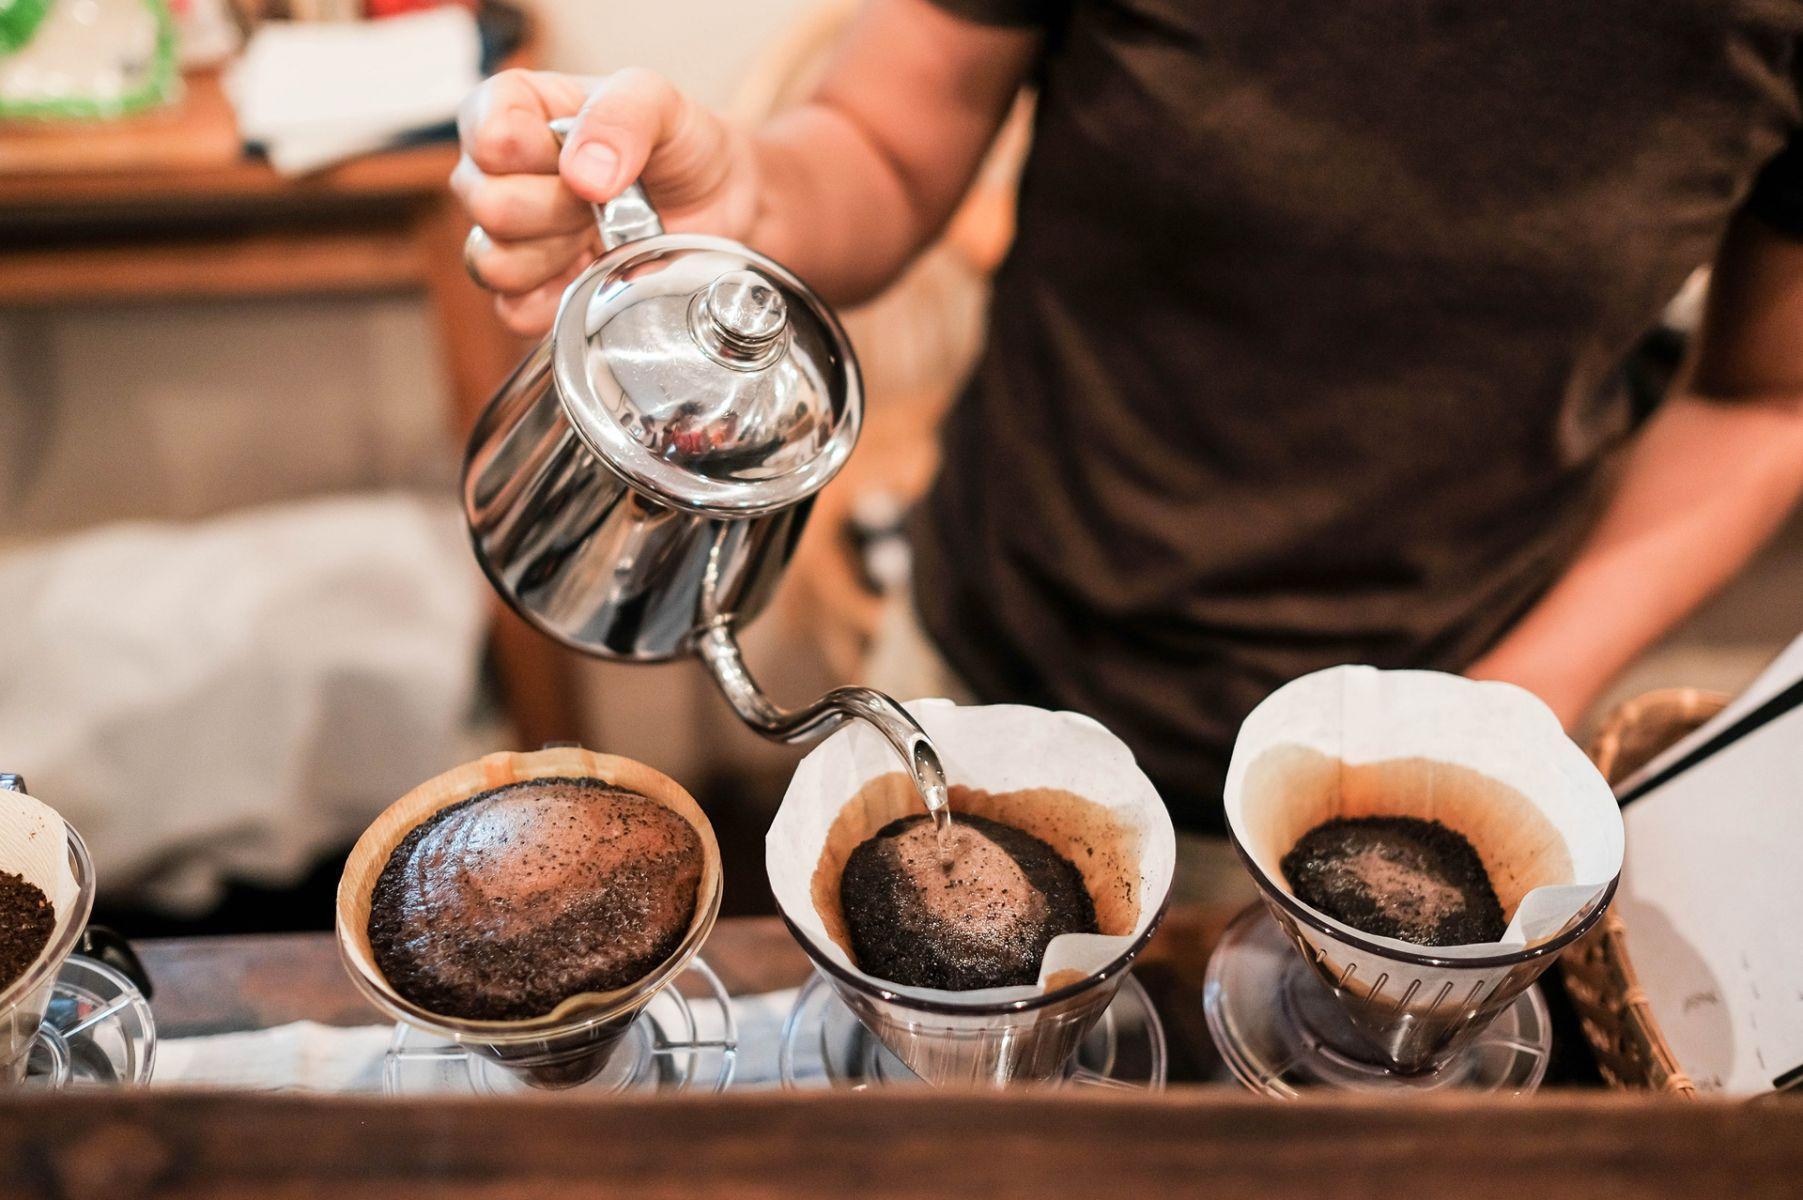 咖啡因如此萬惡嗎?營養師解析7個咖啡因的疑慮!